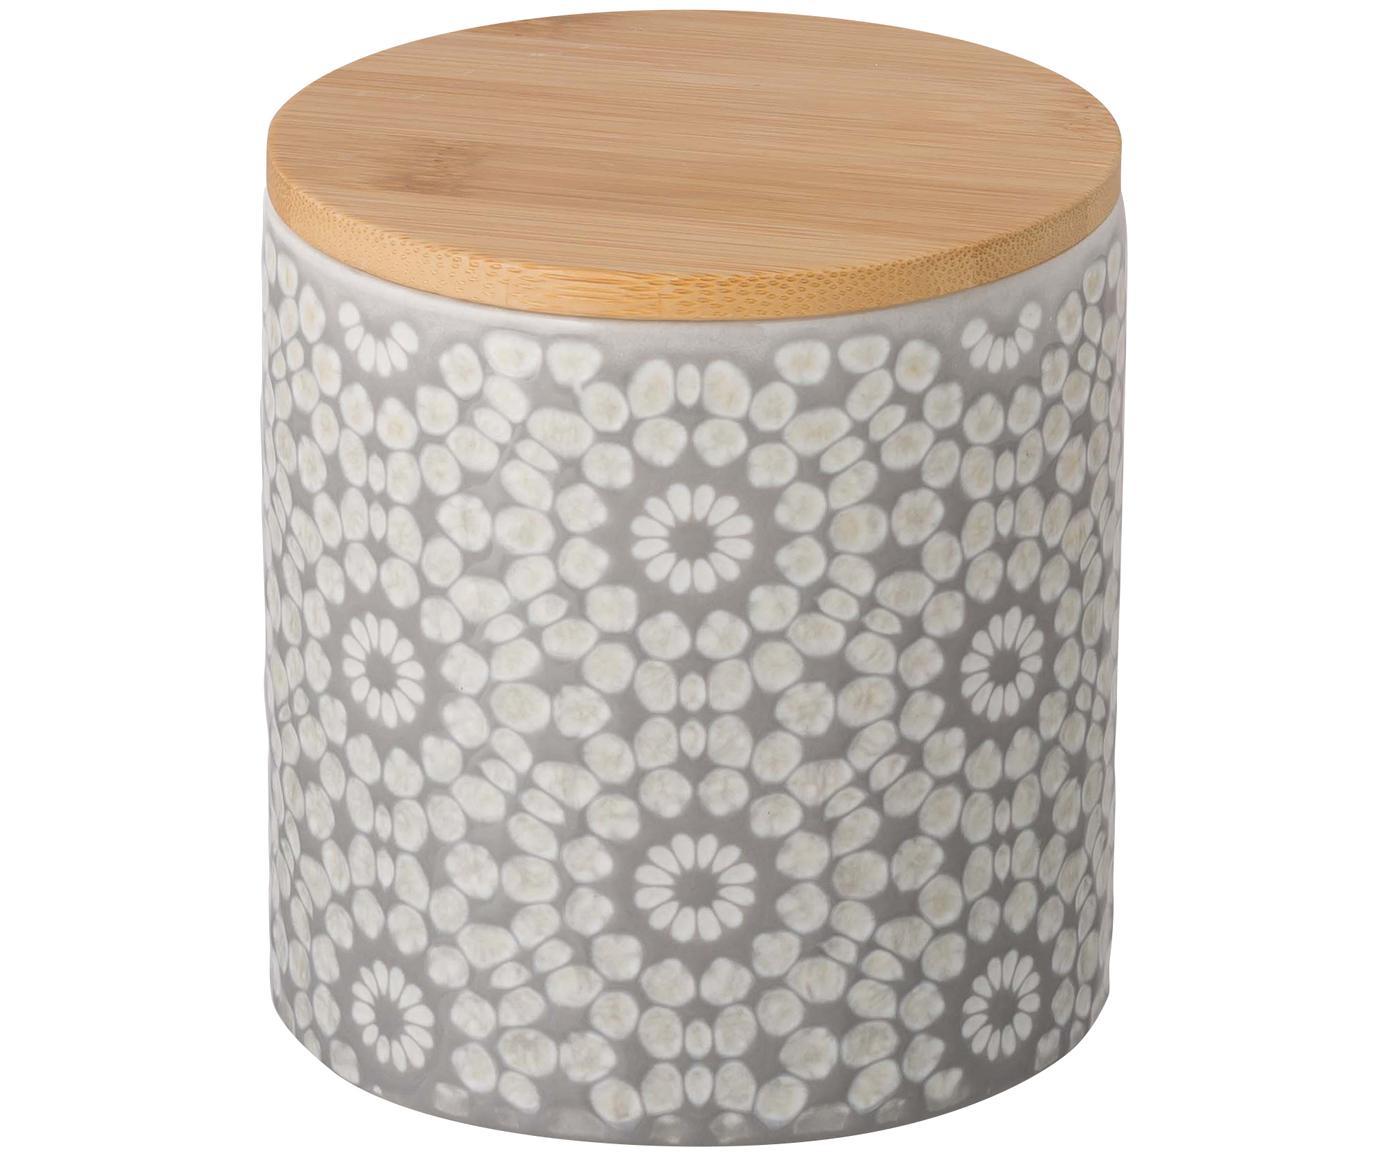 Pojemnik do przechowywania Abella, Pojemnik: szary, biały Pokrywka: drewno bambusowe, Ø 11 x W 12 cm